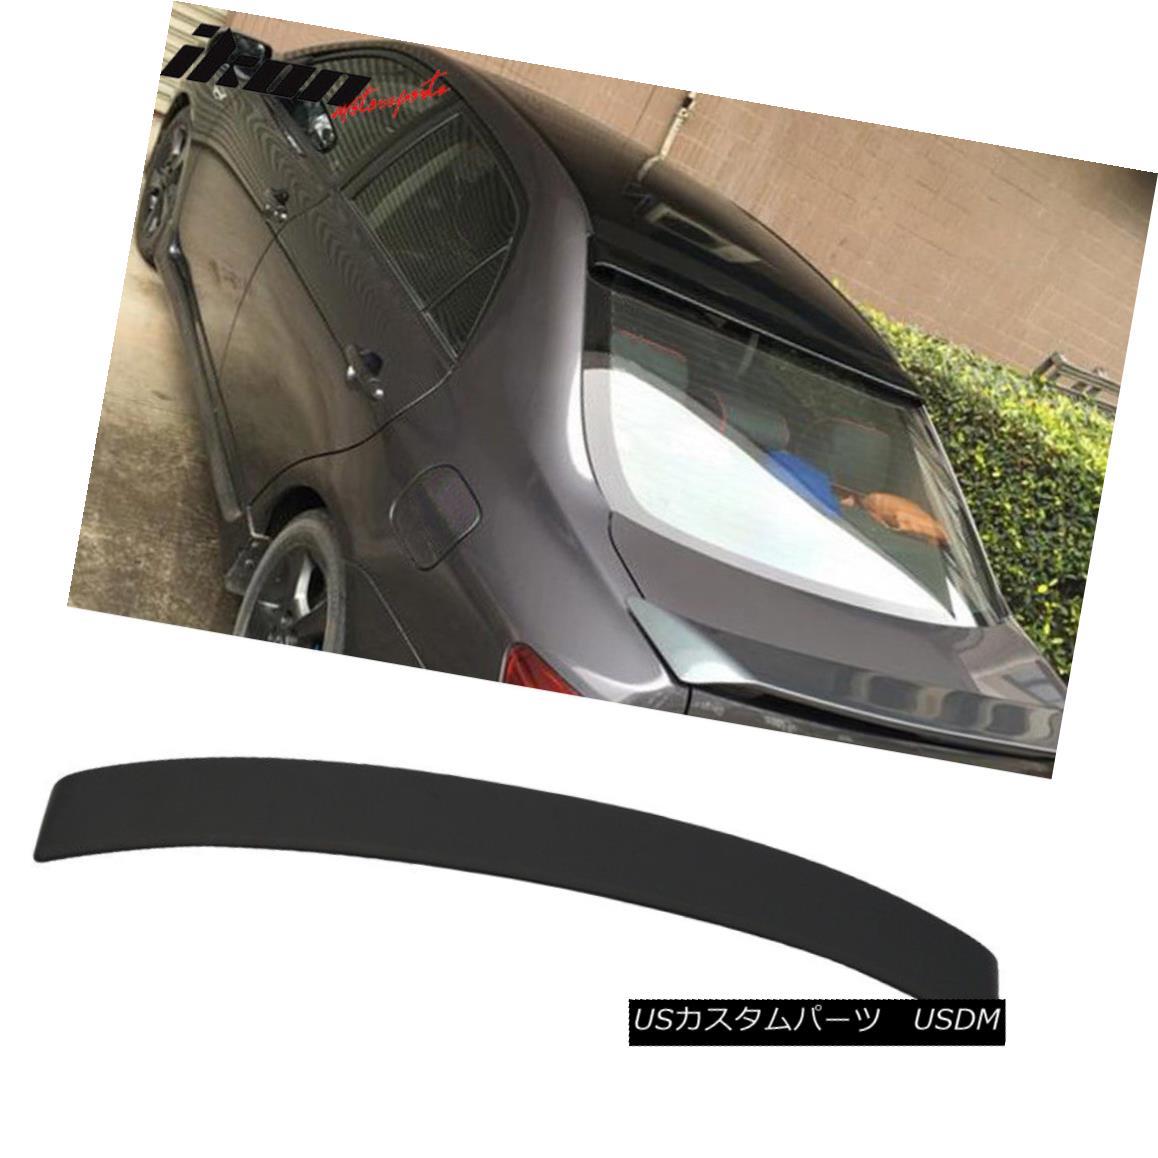 エアロパーツ Fits 09-13 Toyota Corolla S LE XLE XRS ABS Rear Roof Spoiler Unpaintd Black フィット09-13トヨタカローラS LE XLE XRS ABSリアルーフスポイラーUnpaintdブラック